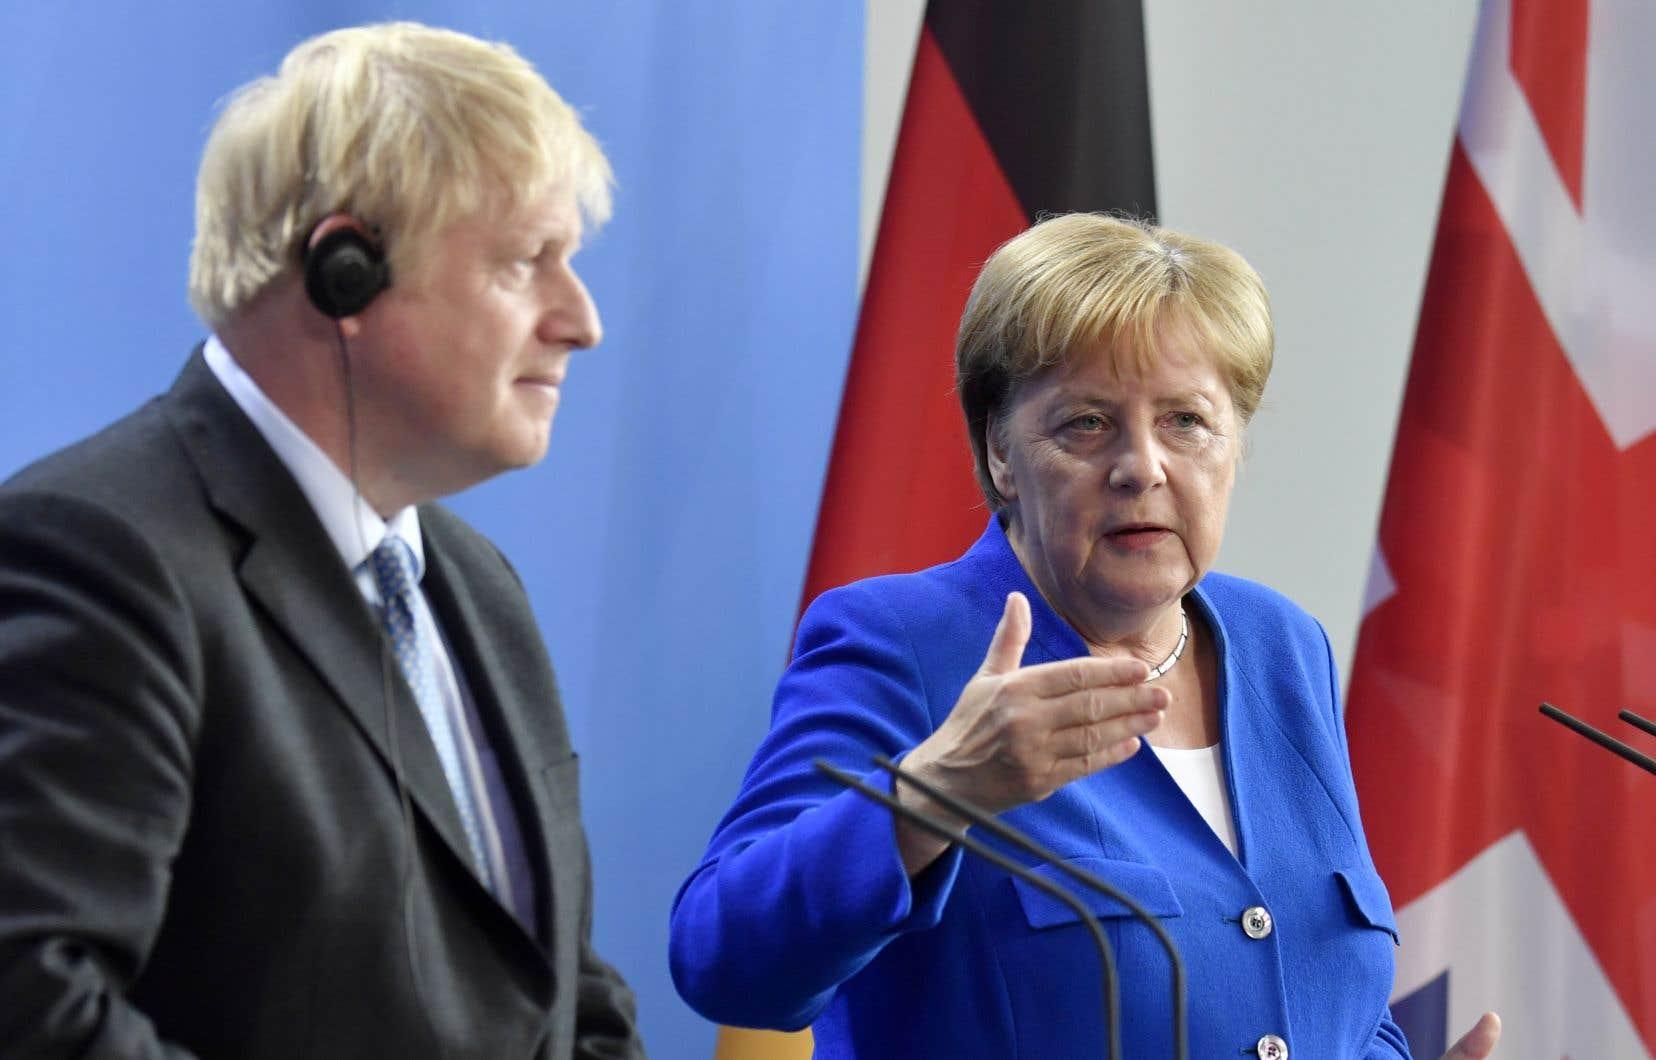 «Je souhaite un accord négocié», a déclaré la chancelière allemande à la presse à Berlin en recevant son homologue britannique, qui faisait en Allemagne sa première visite à l'étranger depuis sa prise de fonction.